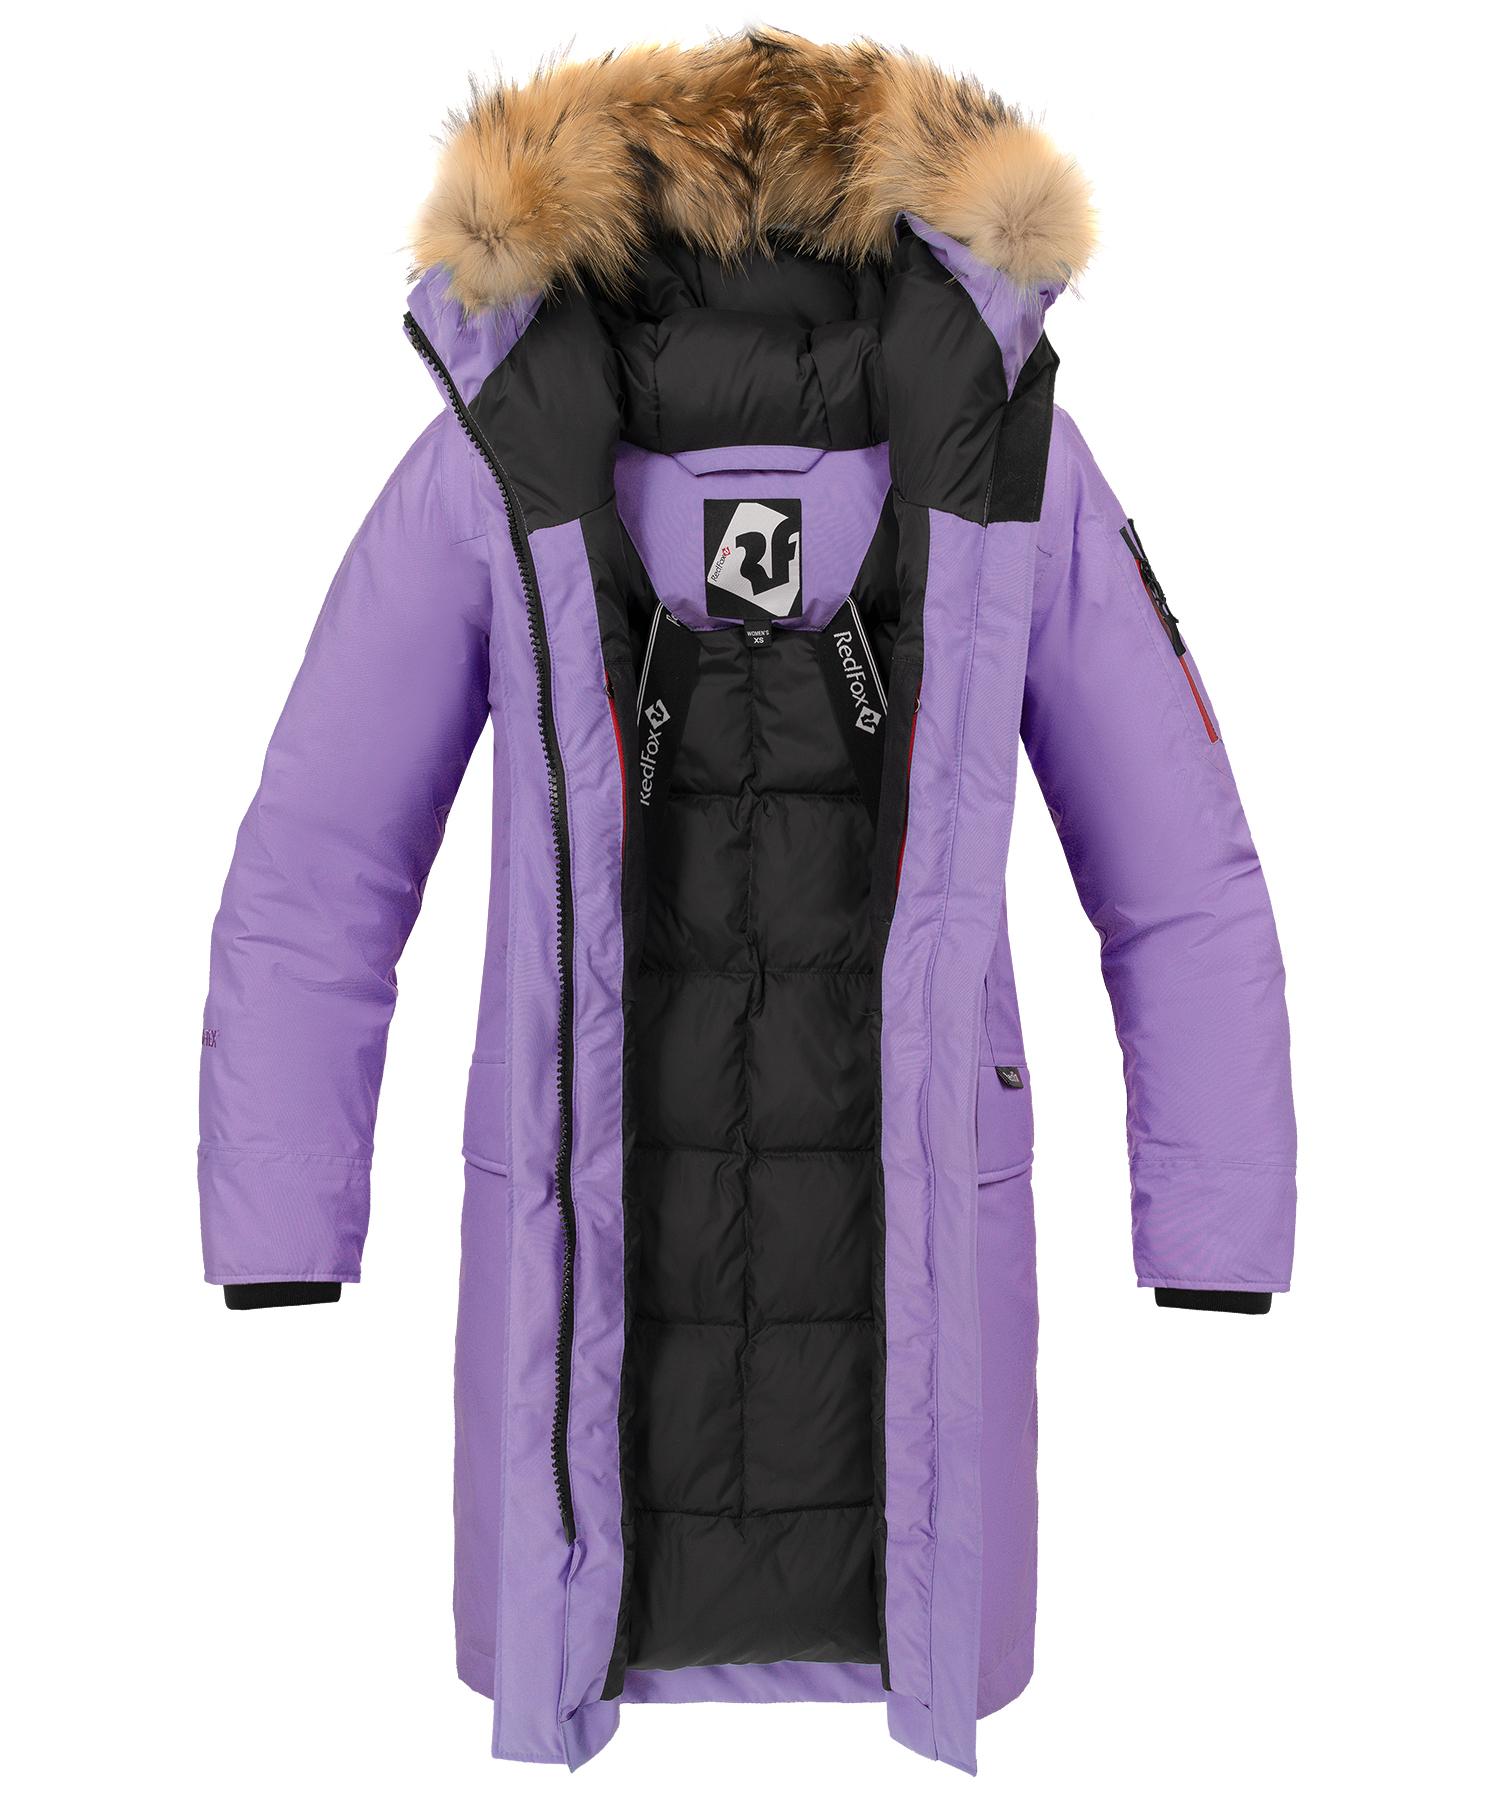 8a245ff71ba Пальто и полупальто RedFox. Официальный Интернет-Магазин RedFox в ...